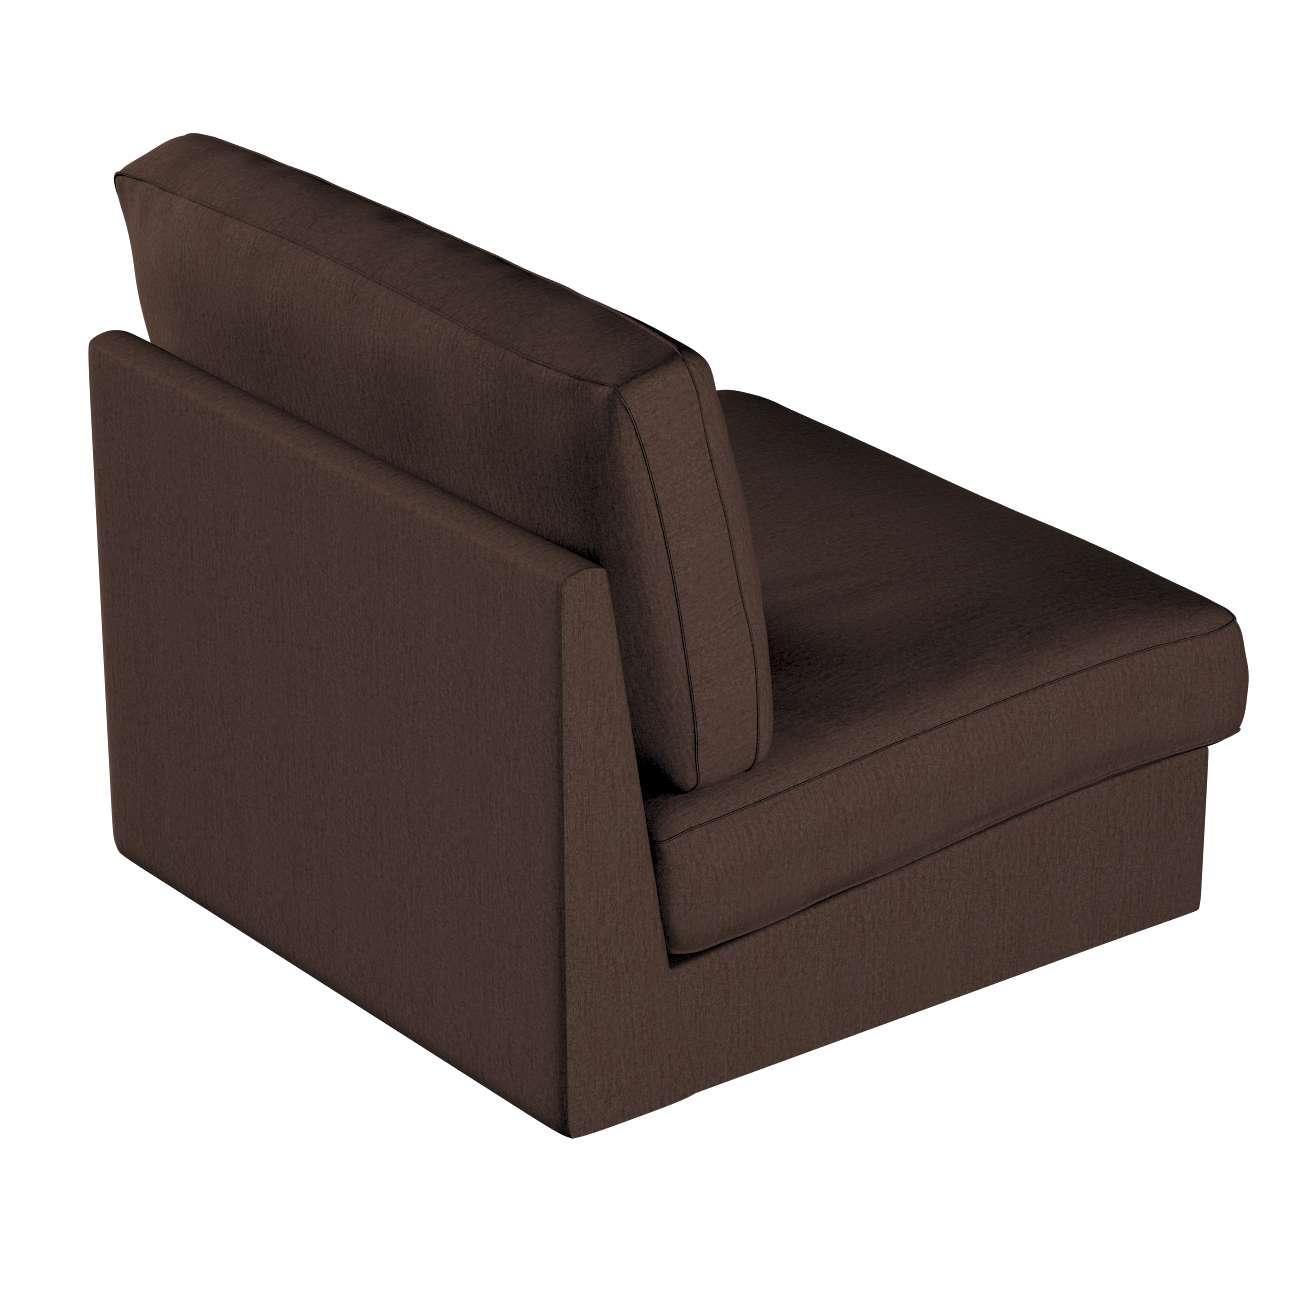 KIVIK fotelio/vienvietės dalies užvalkalas kolekcijoje Chenille, audinys: 702-18